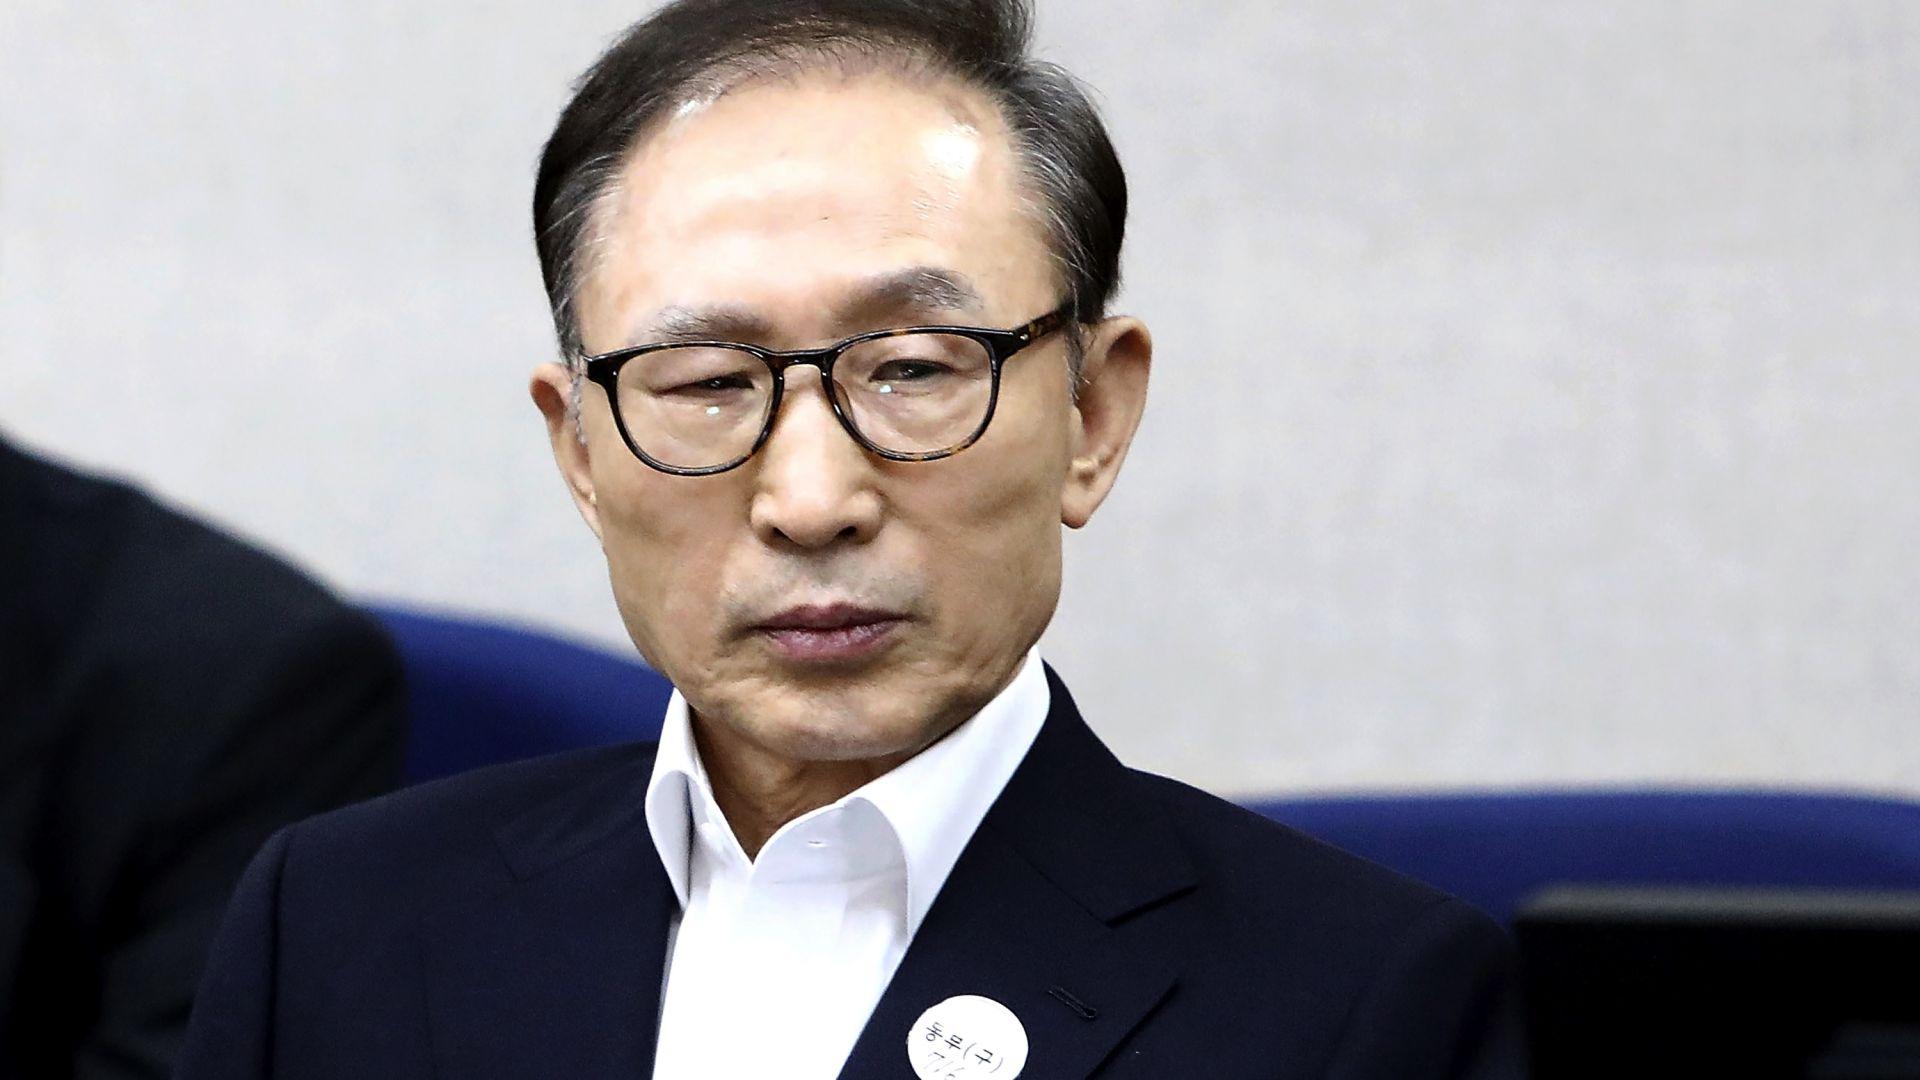 Бившият президент на Южна Корея бе върнат в затвора, в който ще прекара остатъка от живота си